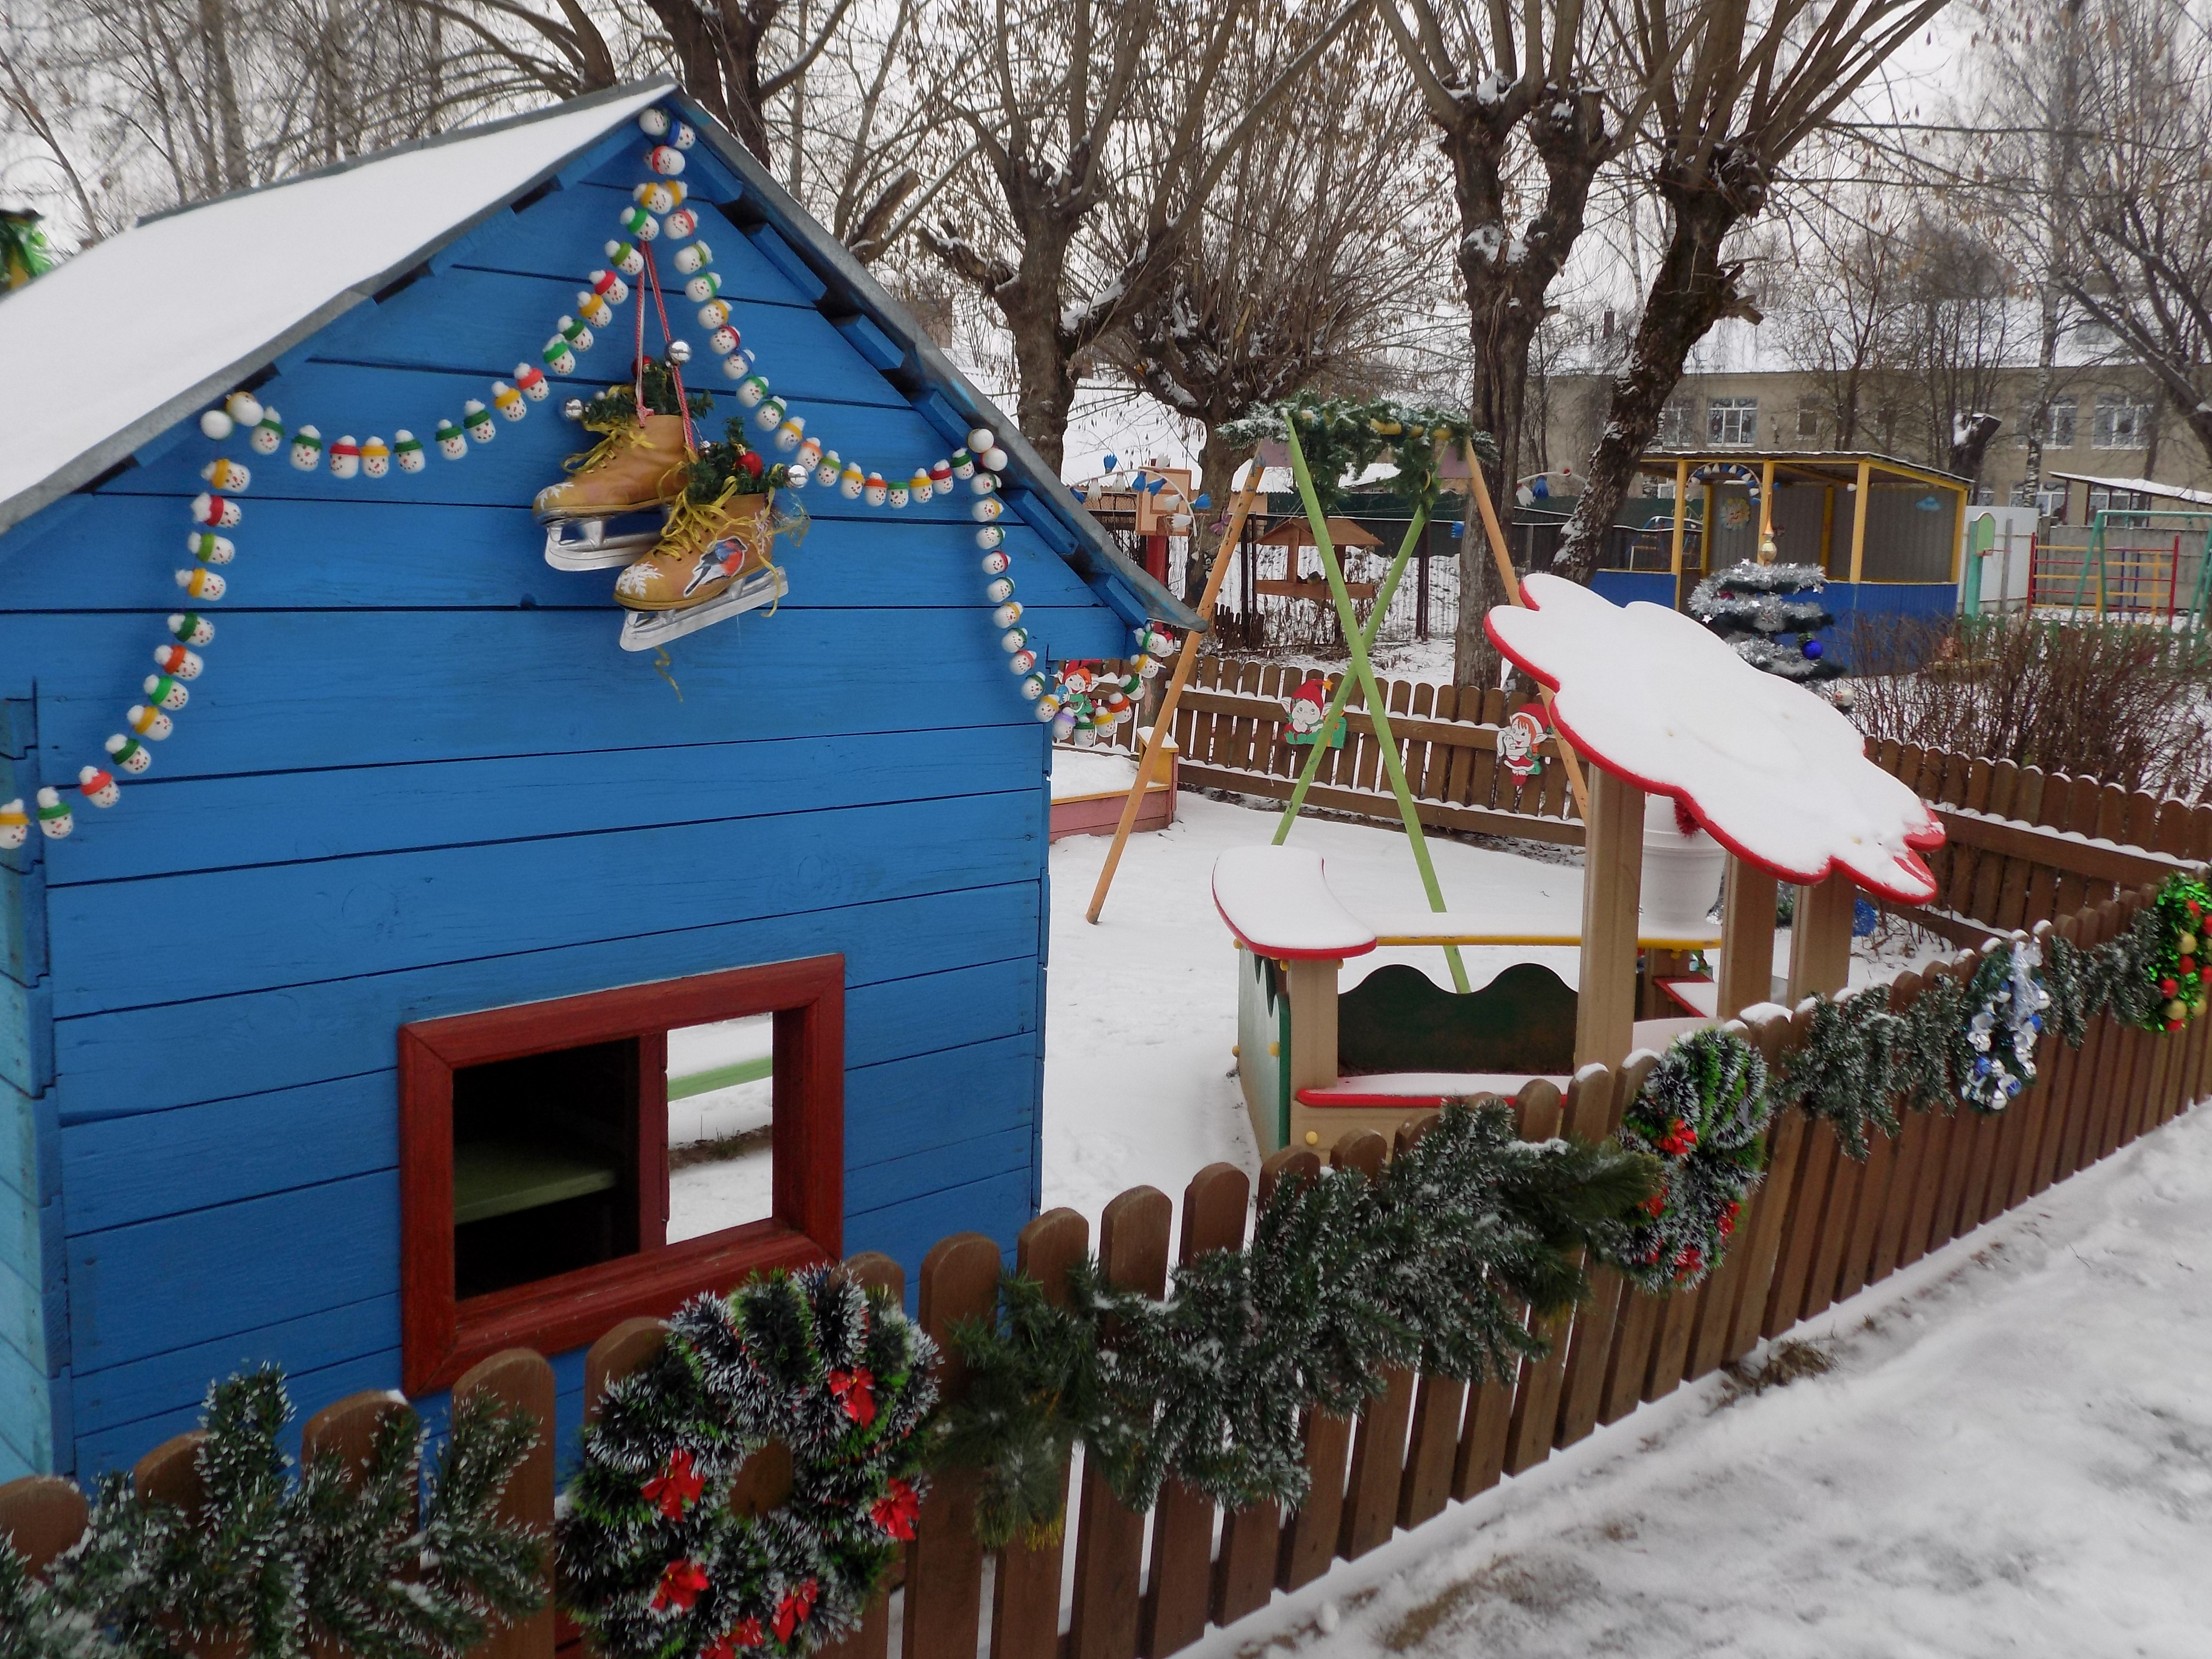 Сказочный домик с заборчиком